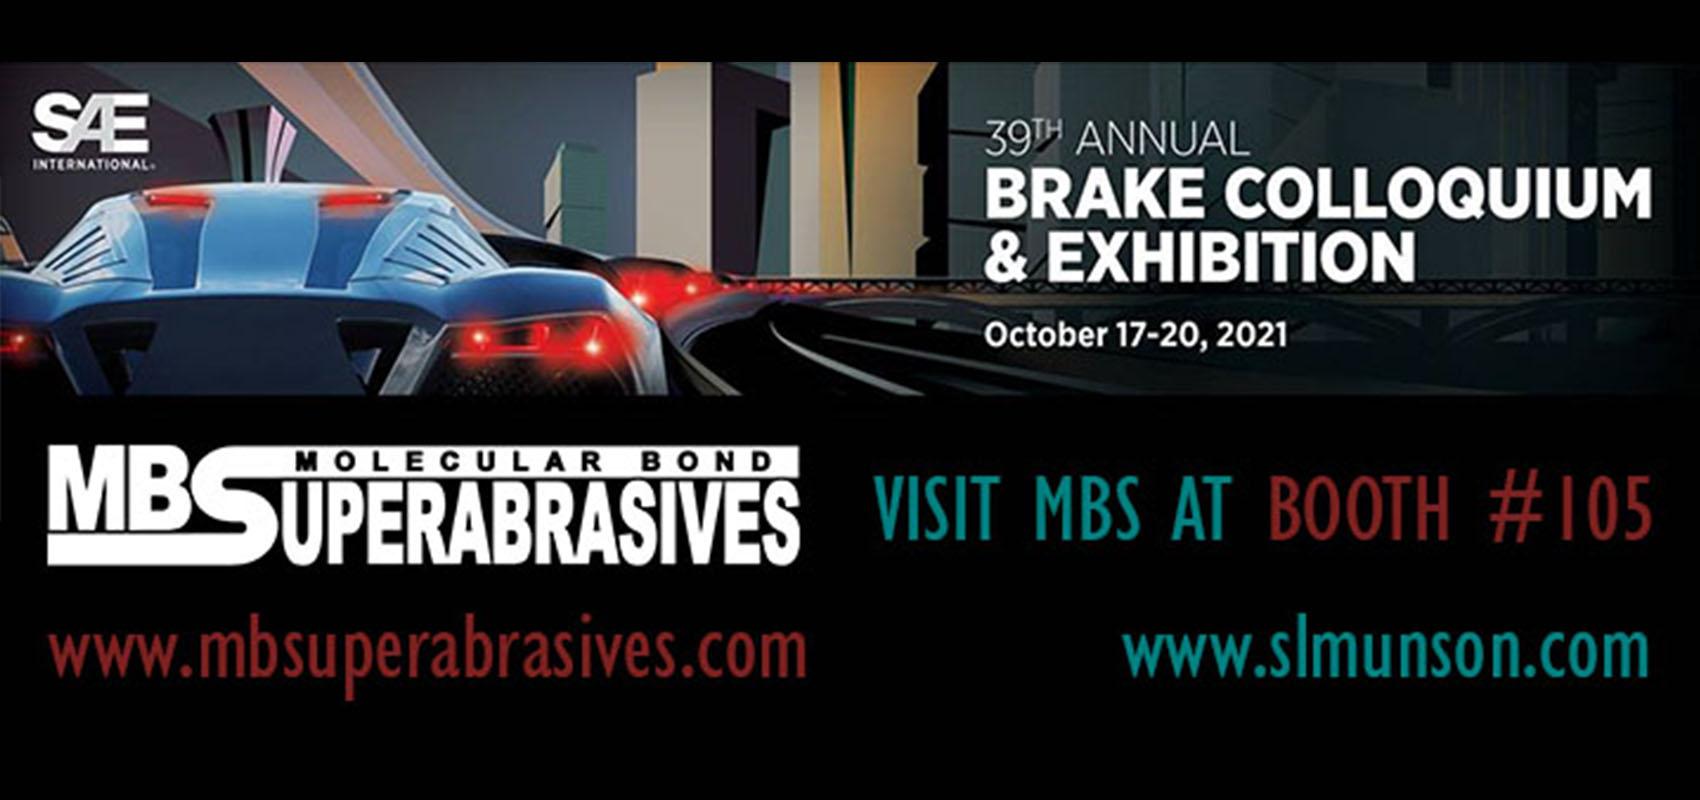 SAE Brake Colloquium MB Superabrasives